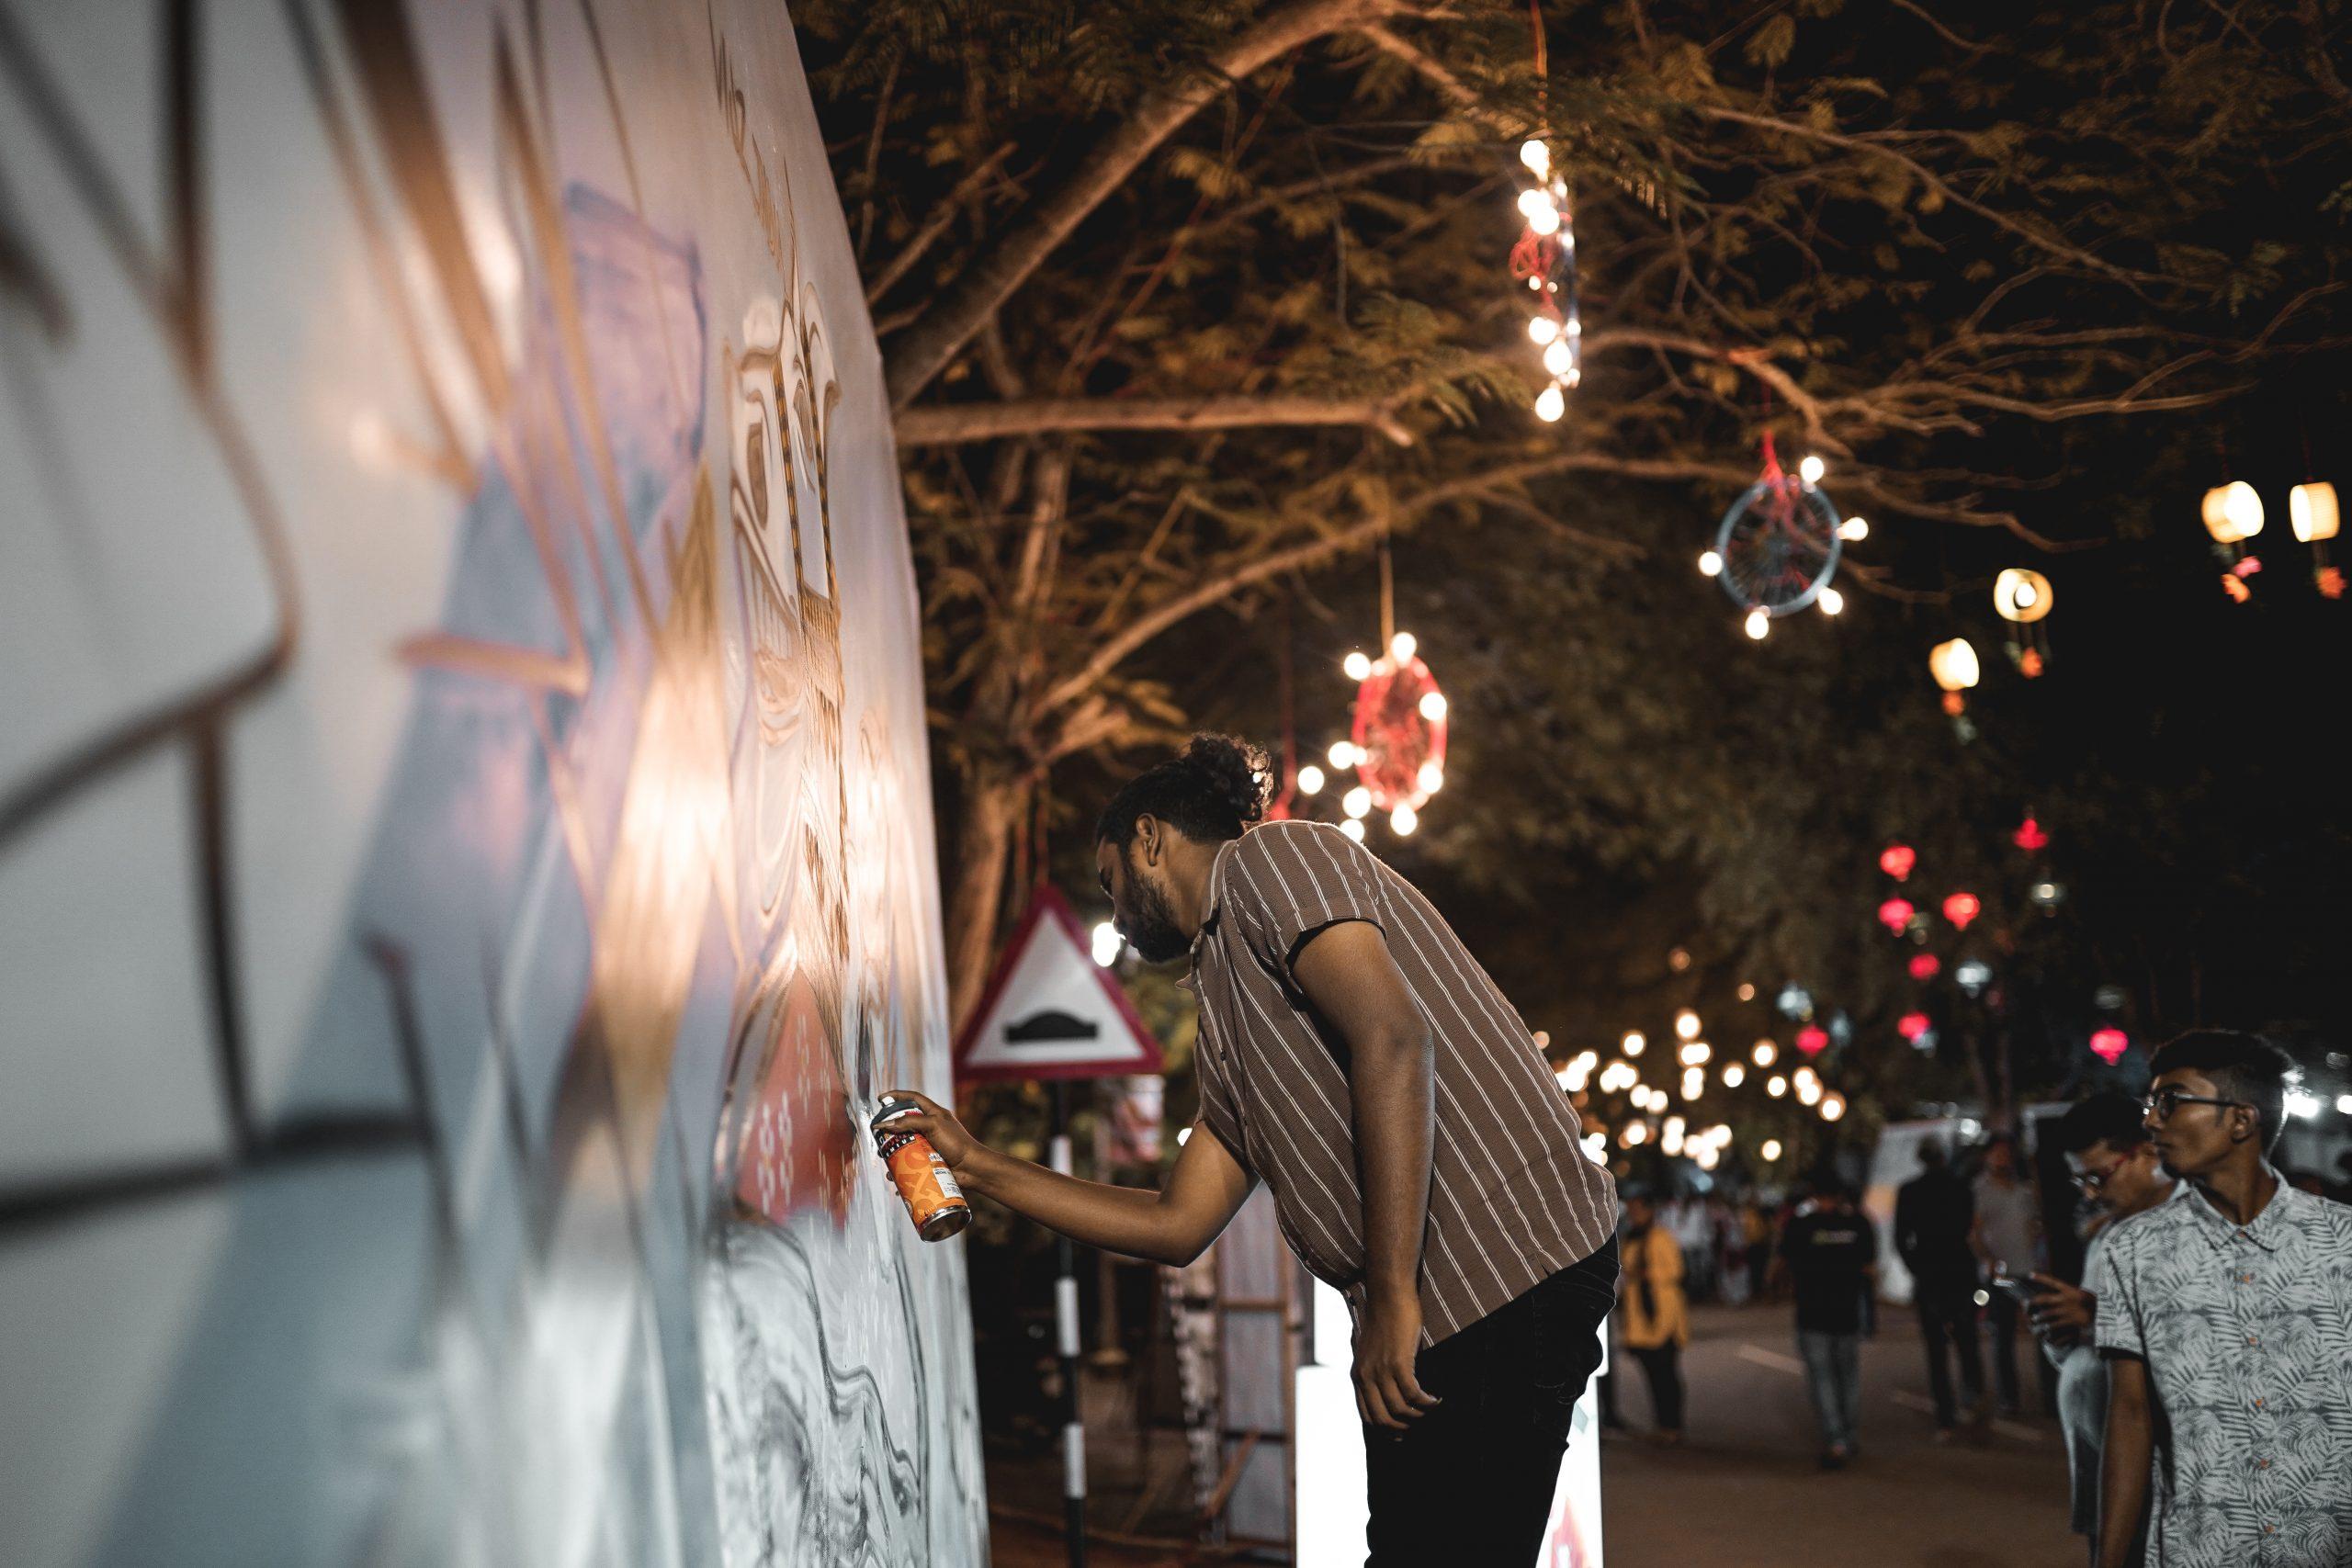 man making graffiti